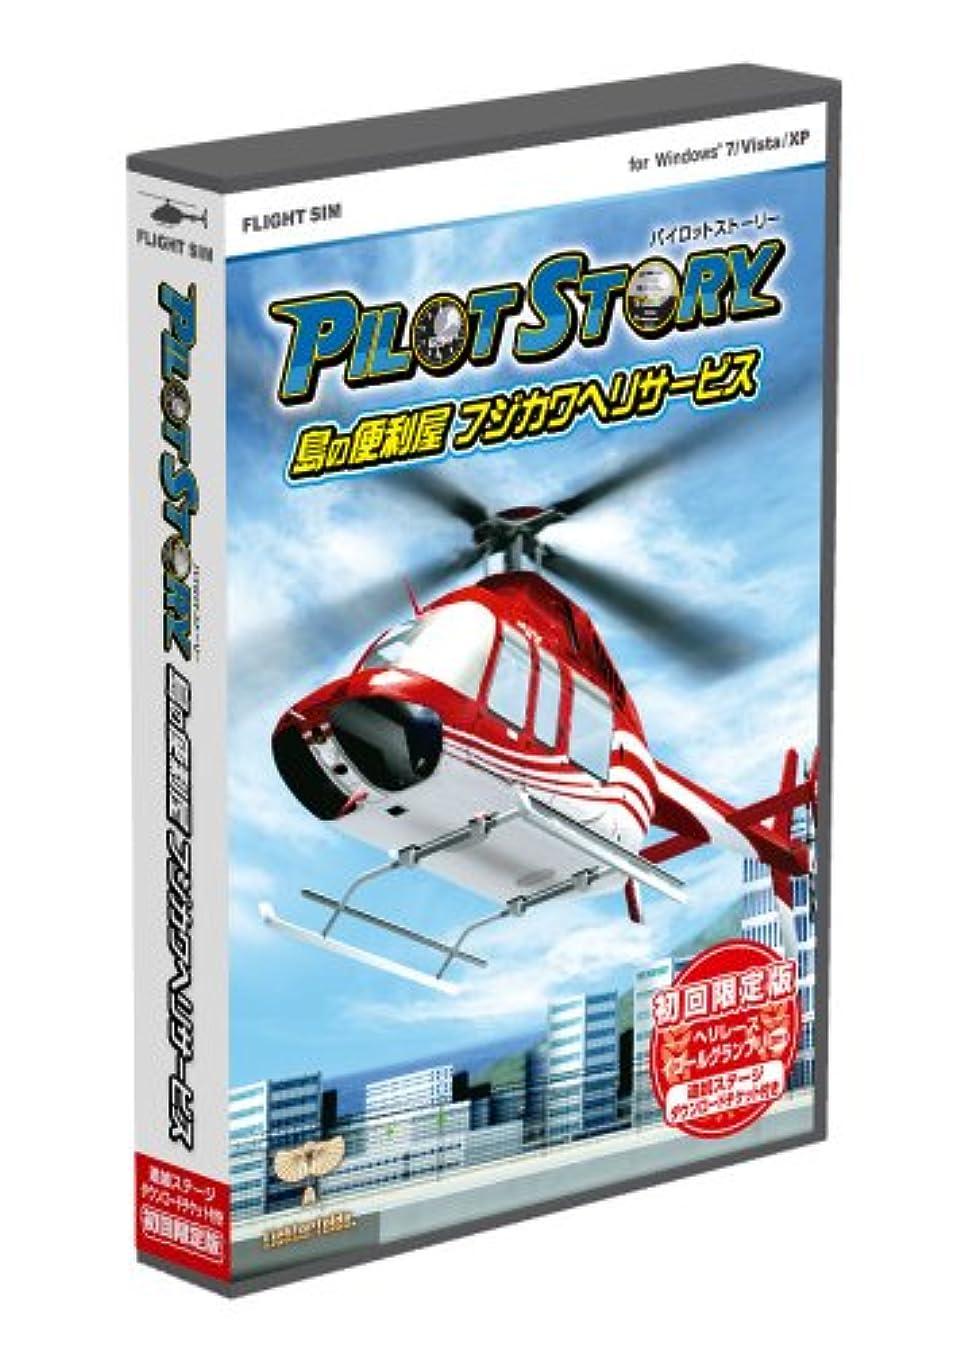 忙しい好奇心盛パントリーテクノブレイン パイロットストーリー 島の便利屋フジカワヘリサービス初回版